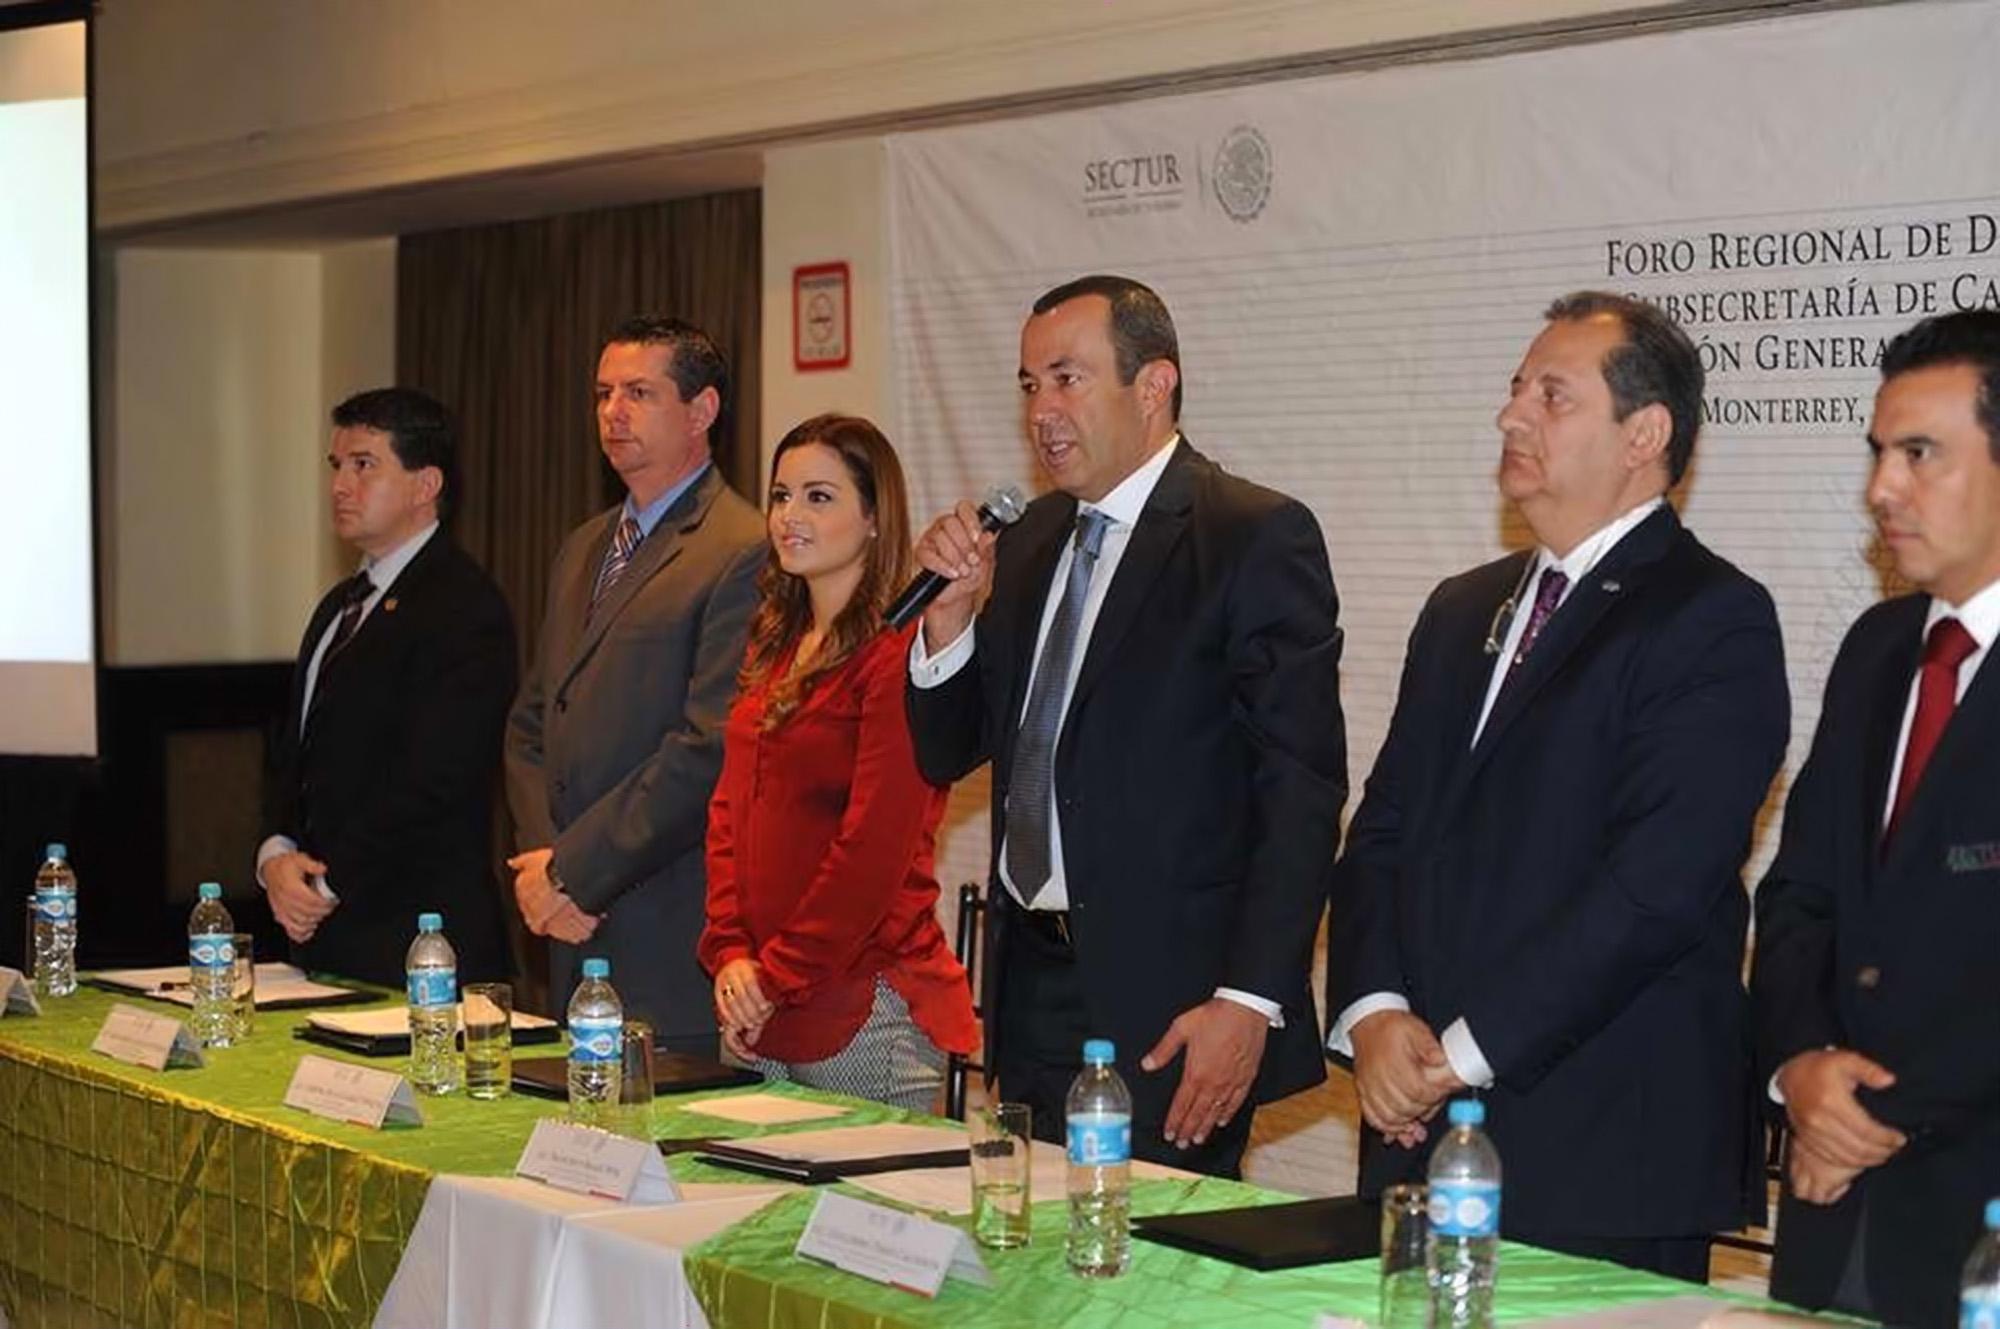 La SECTUR en la Inauguración del Foro Regional de Difusión Zona Norte.